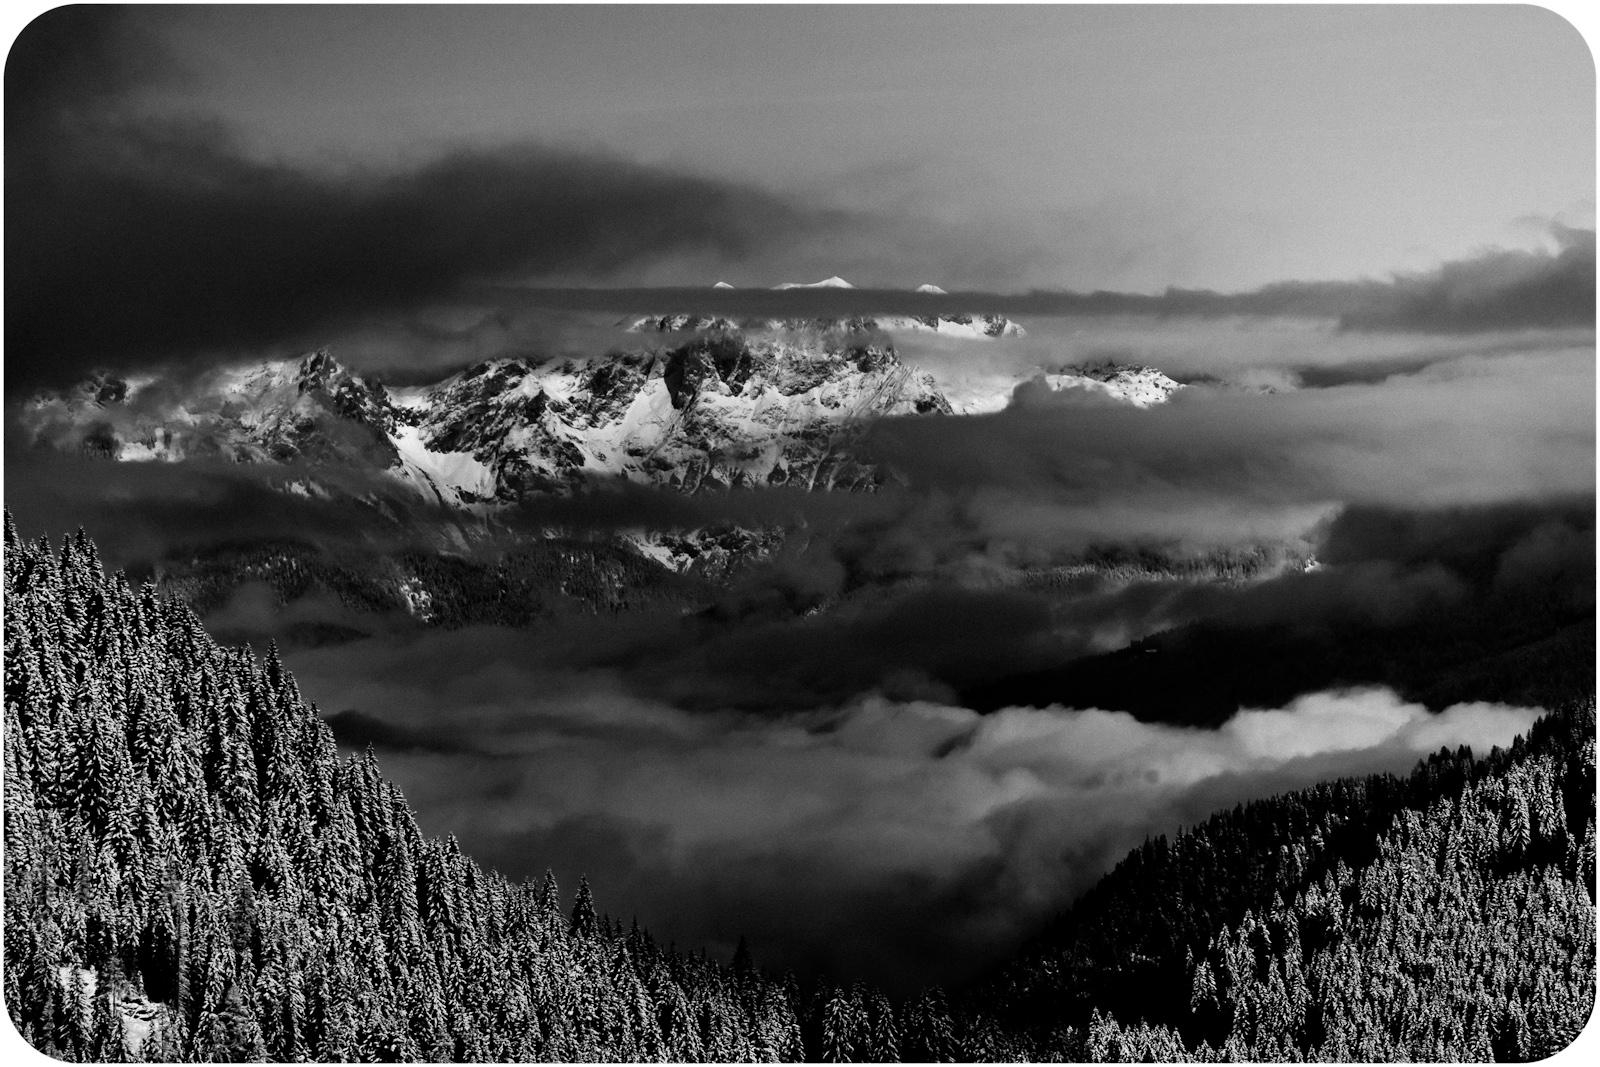 Alpy austriackie. Zauchensee. Czarno-biała fotografia krajobrazowa. fot. Łukasz Cyrus